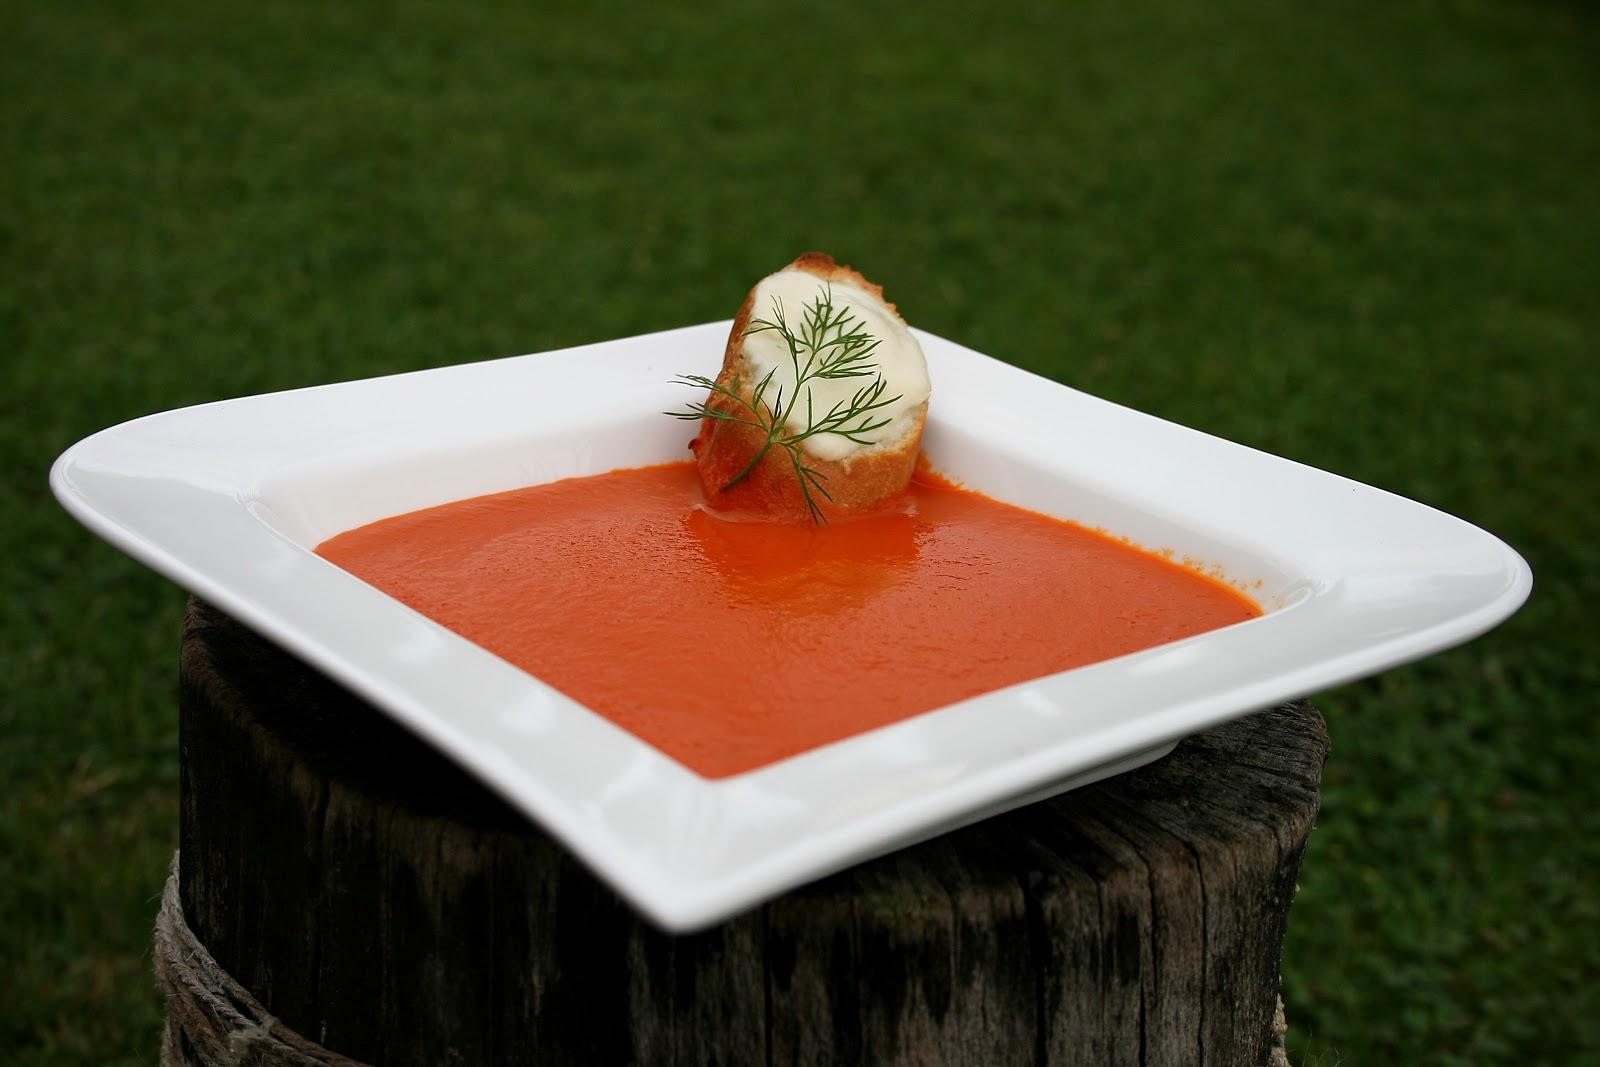 Zupa krem pomidorowo paprykowa z grzankami czosnkowymi i mozzarellą